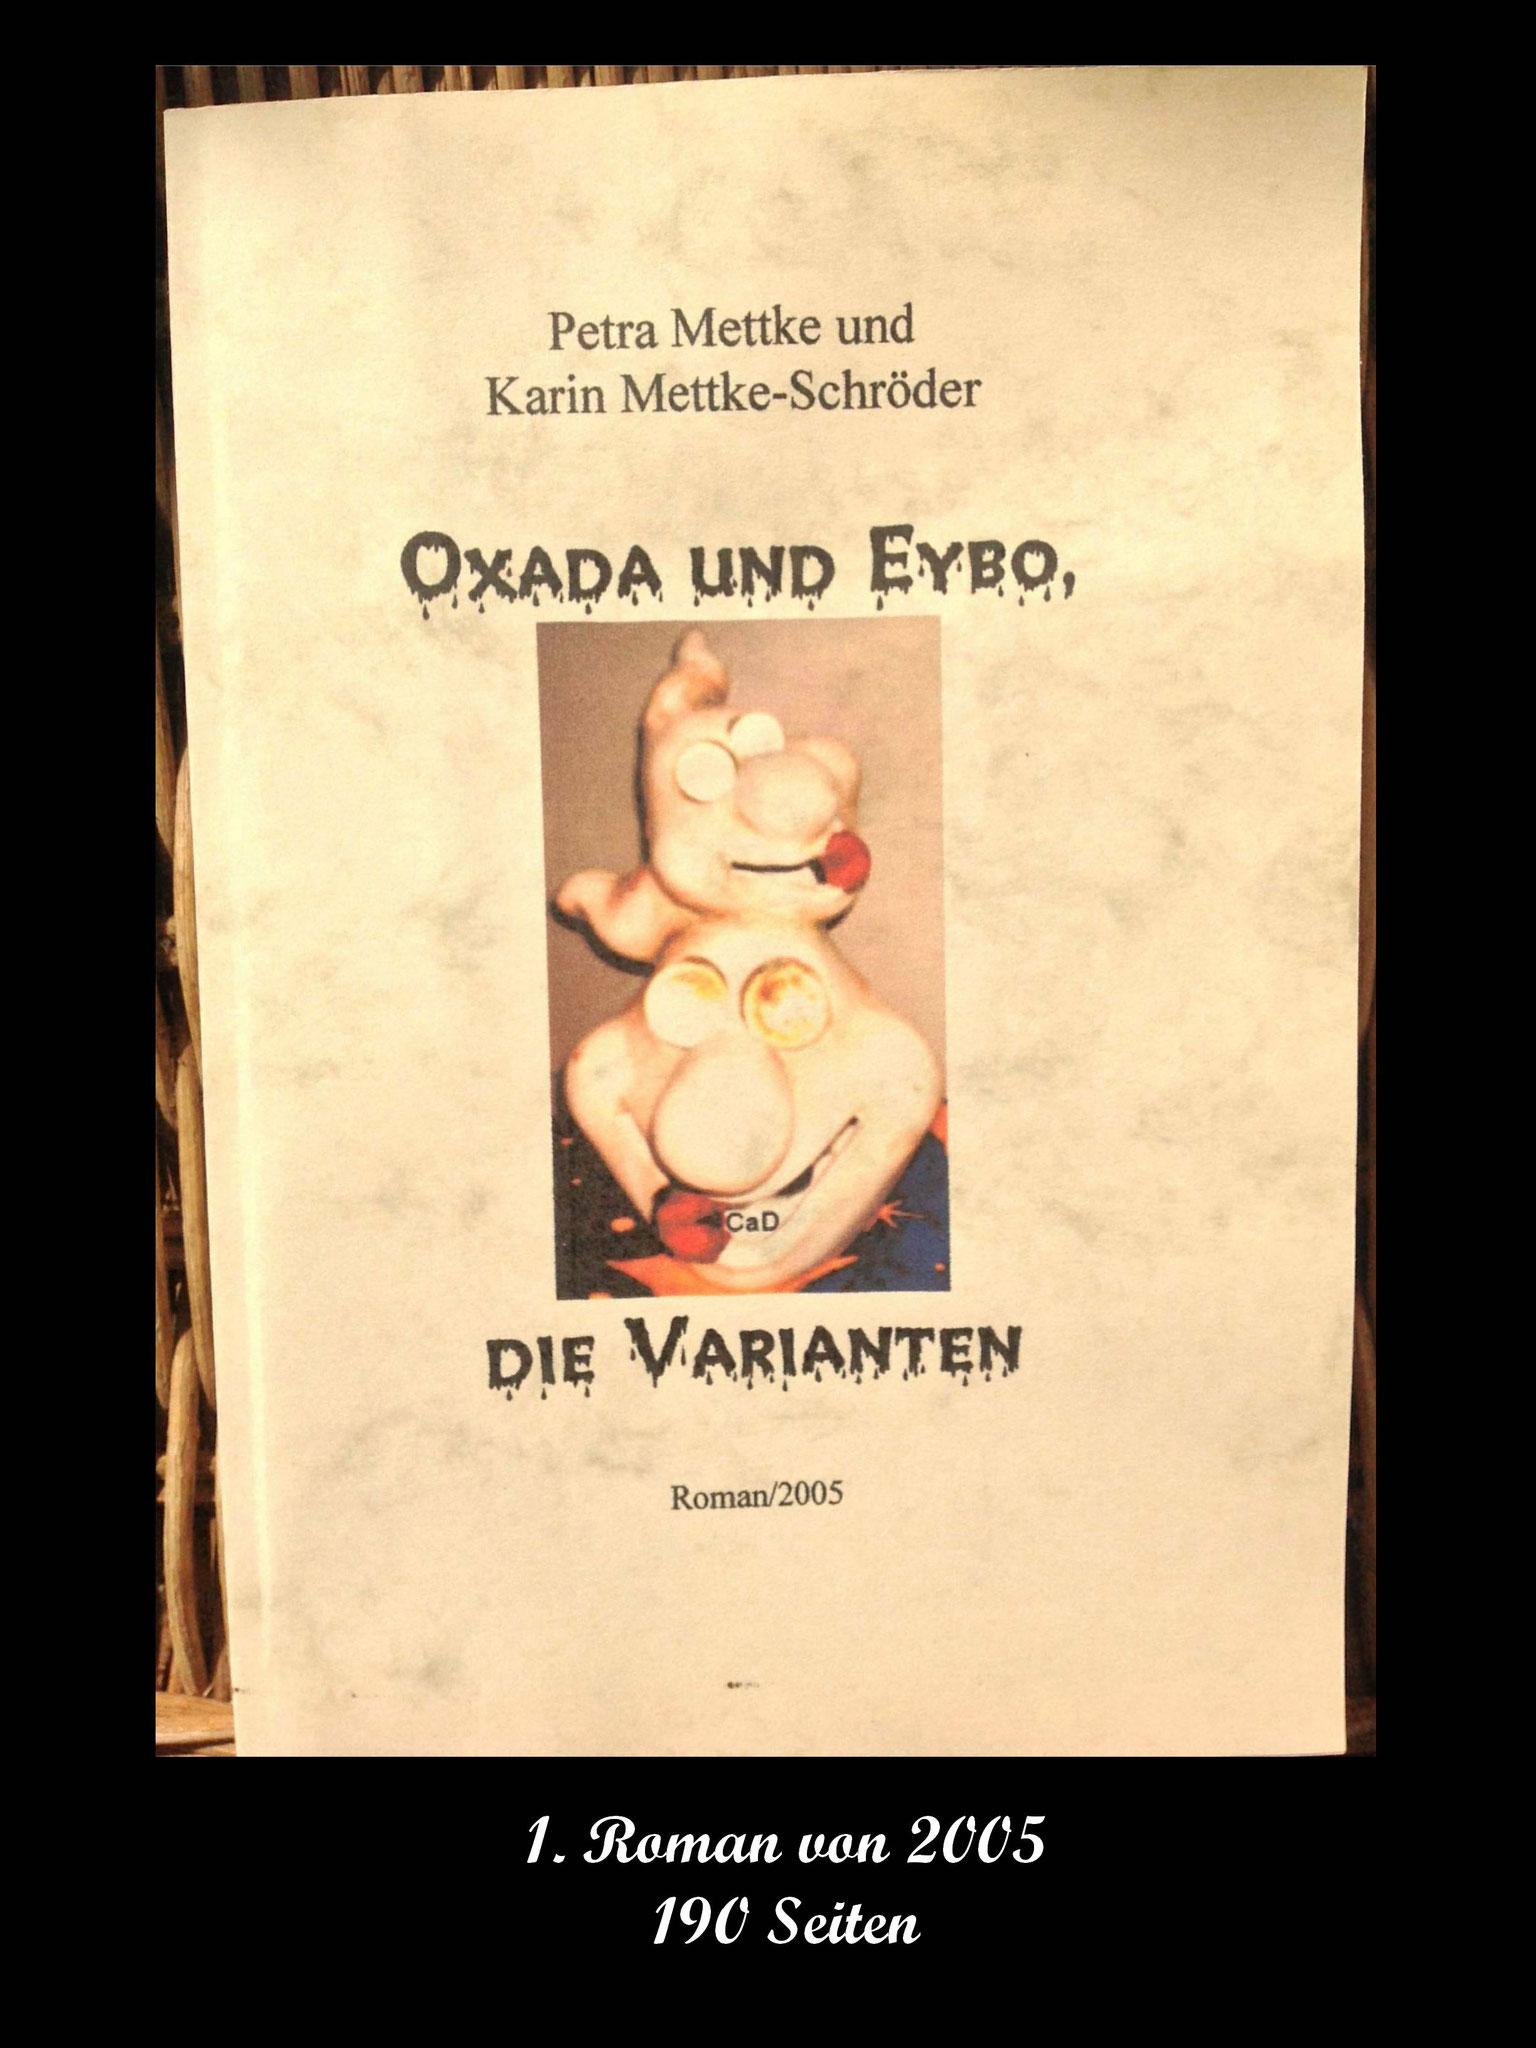 Petra Mettke und Karin Mettke-Schröder-1509